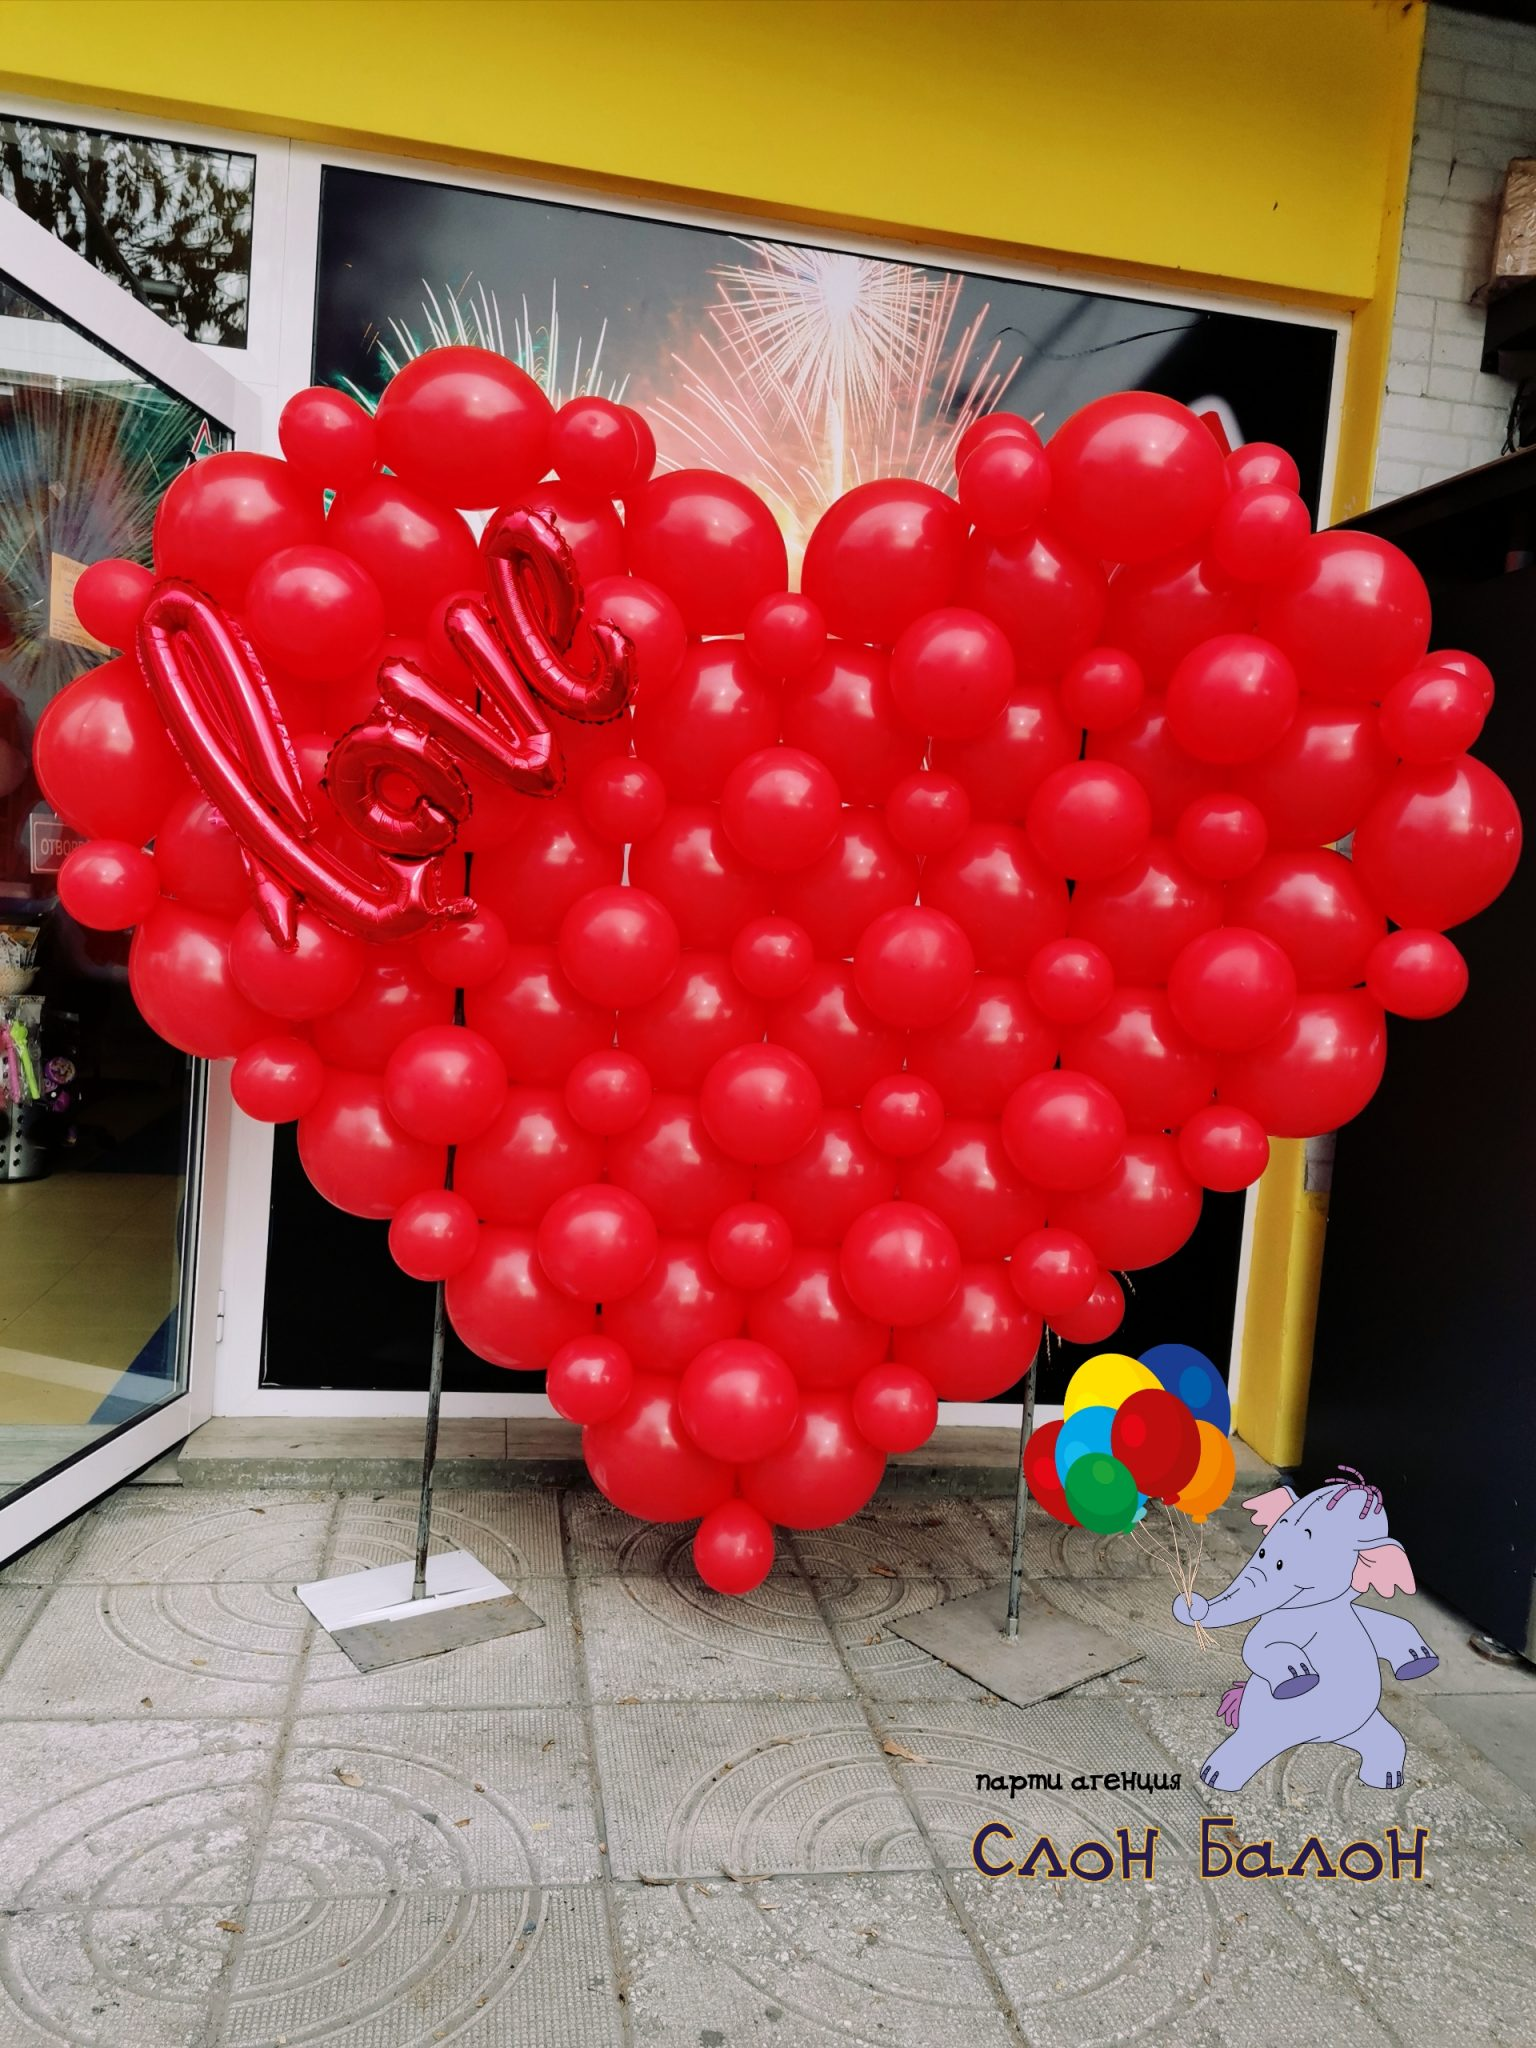 Факт : Около 73 %от мъжете купуват цветя за Св. Валентин 💐 ✅Бъдете оригинални и изберете страхотна балонена украса, за да изненадате любимата жена ❣🎈❣ Очакваме ви в жк Тракия Парти магазин Слон-Балон 📱0876272825